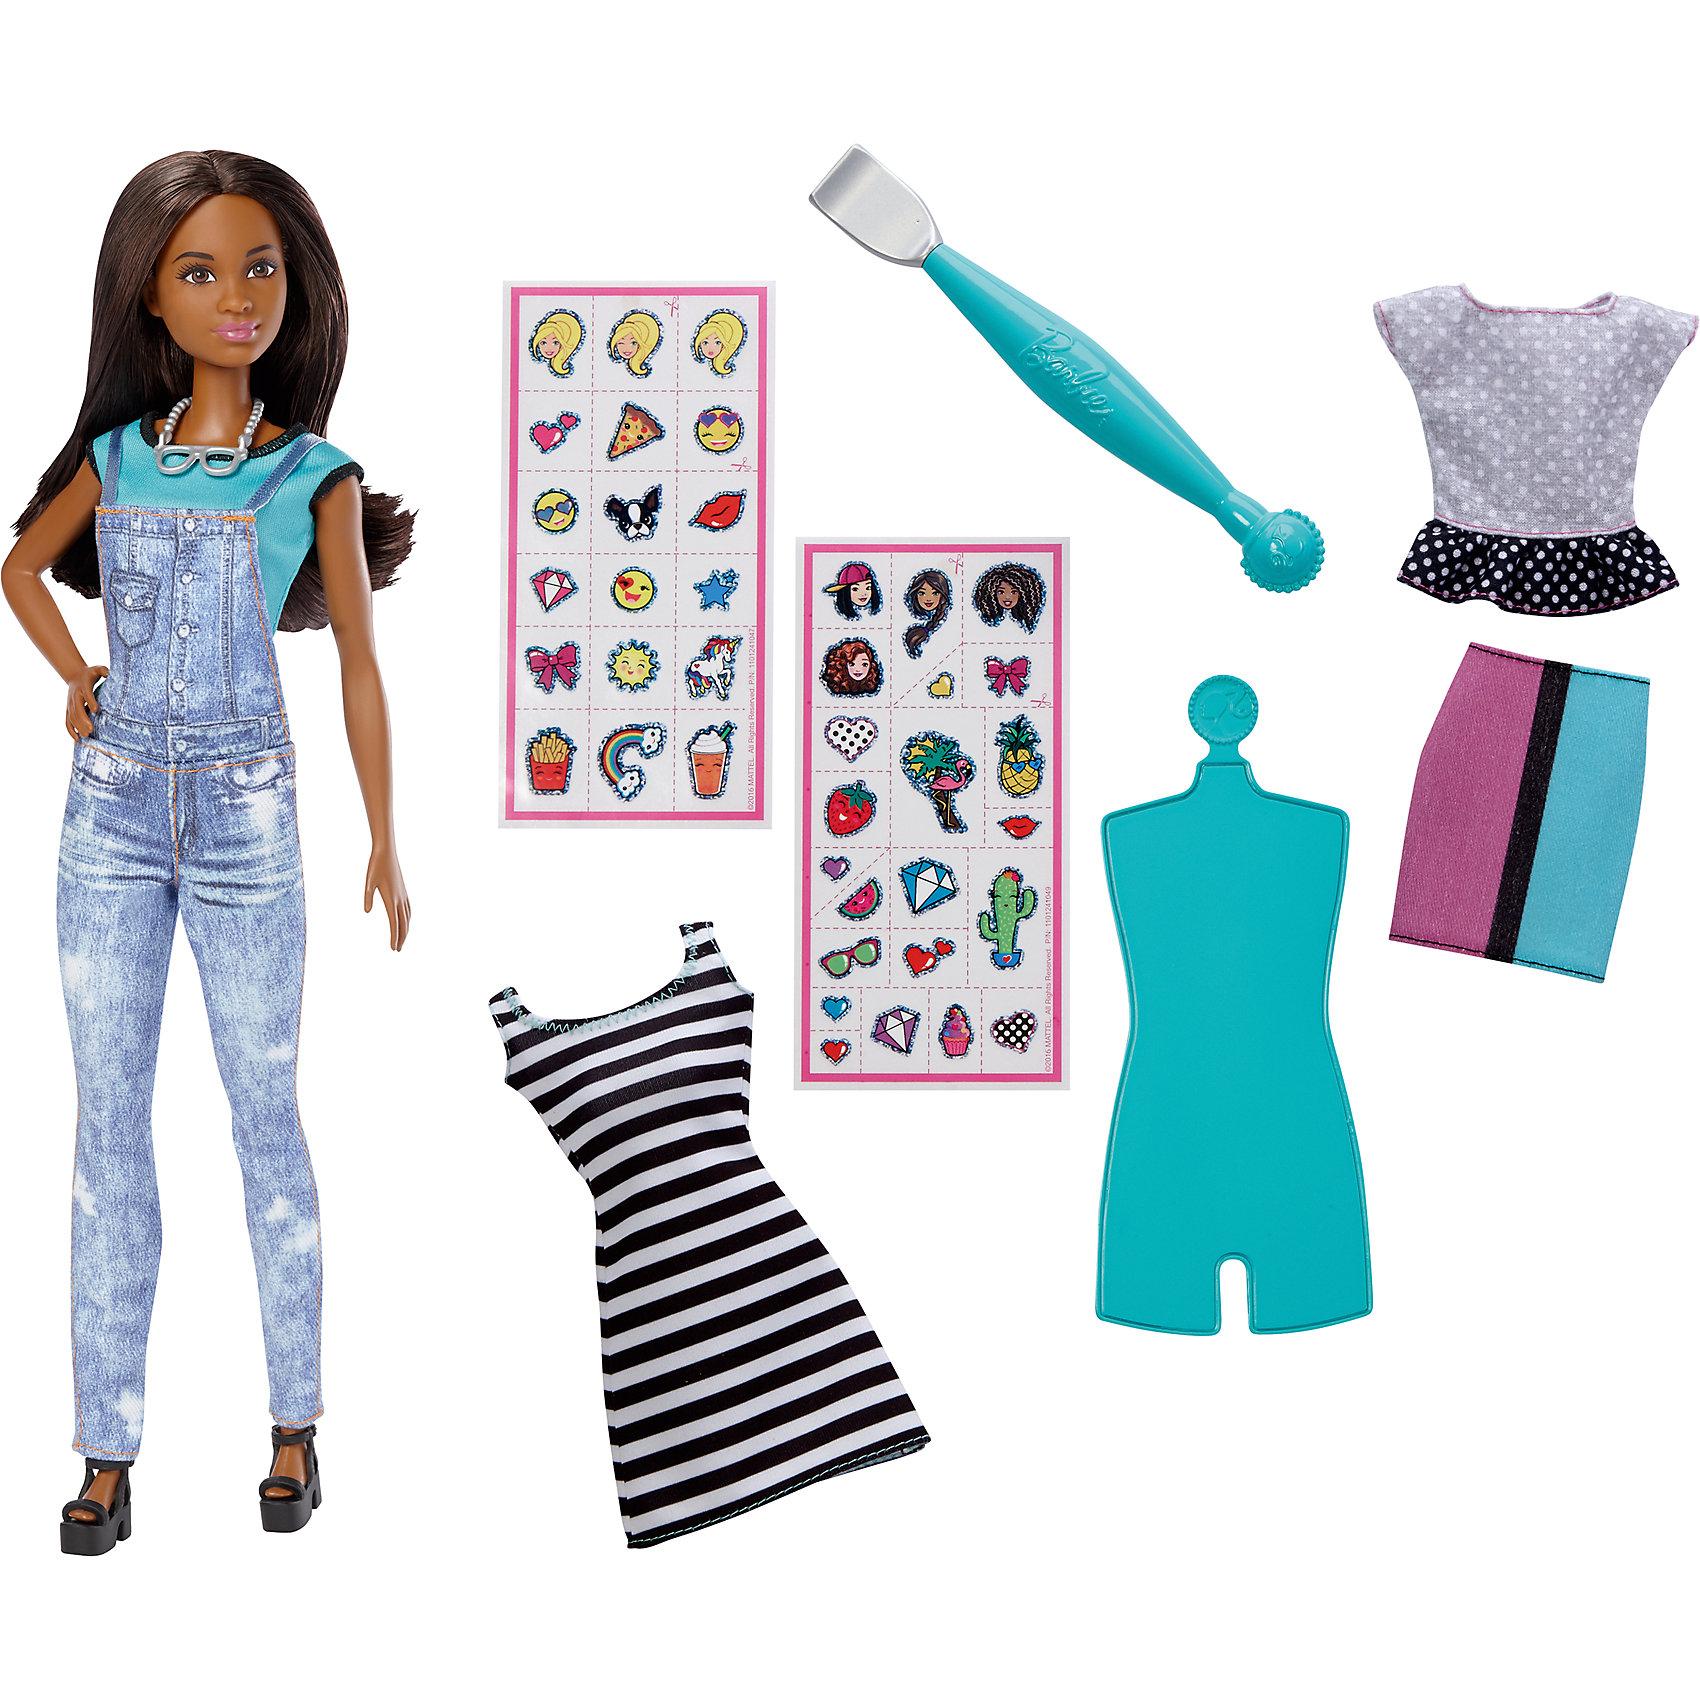 Игровой набор «EMOJI», BarbieBarbie Игрушки<br>Характеристики товара:<br><br>• комплектация: кукла, одежда, аксессуары, наклейки<br>• материал: пластик, текстиль<br>• серия: EMOJI<br>• руки, ноги гнутся<br>• высота куклы: 29 см<br>• возраст: от трех лет<br>• размер упаковки: 23x6x33 см<br>• вес: 0,3 кг<br>• страна бренда: США<br><br>Невероятно модный образ куклы порадует маленьких любительниц стильных и необычных нарядов. Стильный наряд куклы дополняет дополнительный набор одежды. обувь и аксессуары. Длинные волосы позволяют делать разнообразные прически! С помощью наклеек из набора одежду можно украшать разными принтами. Игровой набор «EMOJI» станет великолепным подарком для девочек, которые следят за модными тенденциями.<br><br>Такие куклы помогают развить у девочек вкус и чувство стиля, отработать сценарии поведения в обществе, развить воображение и мелкую моторику. Барби от бренда Mattel не перестает быть популярной! <br><br>Игровой набор «EMOJI», Barbie, от компании Mattel можно купить в нашем интернет-магазине.<br><br>Ширина мм: 230<br>Глубина мм: 60<br>Высота мм: 330<br>Вес г: 281<br>Возраст от месяцев: 60<br>Возраст до месяцев: 120<br>Пол: Женский<br>Возраст: Детский<br>SKU: 5389668